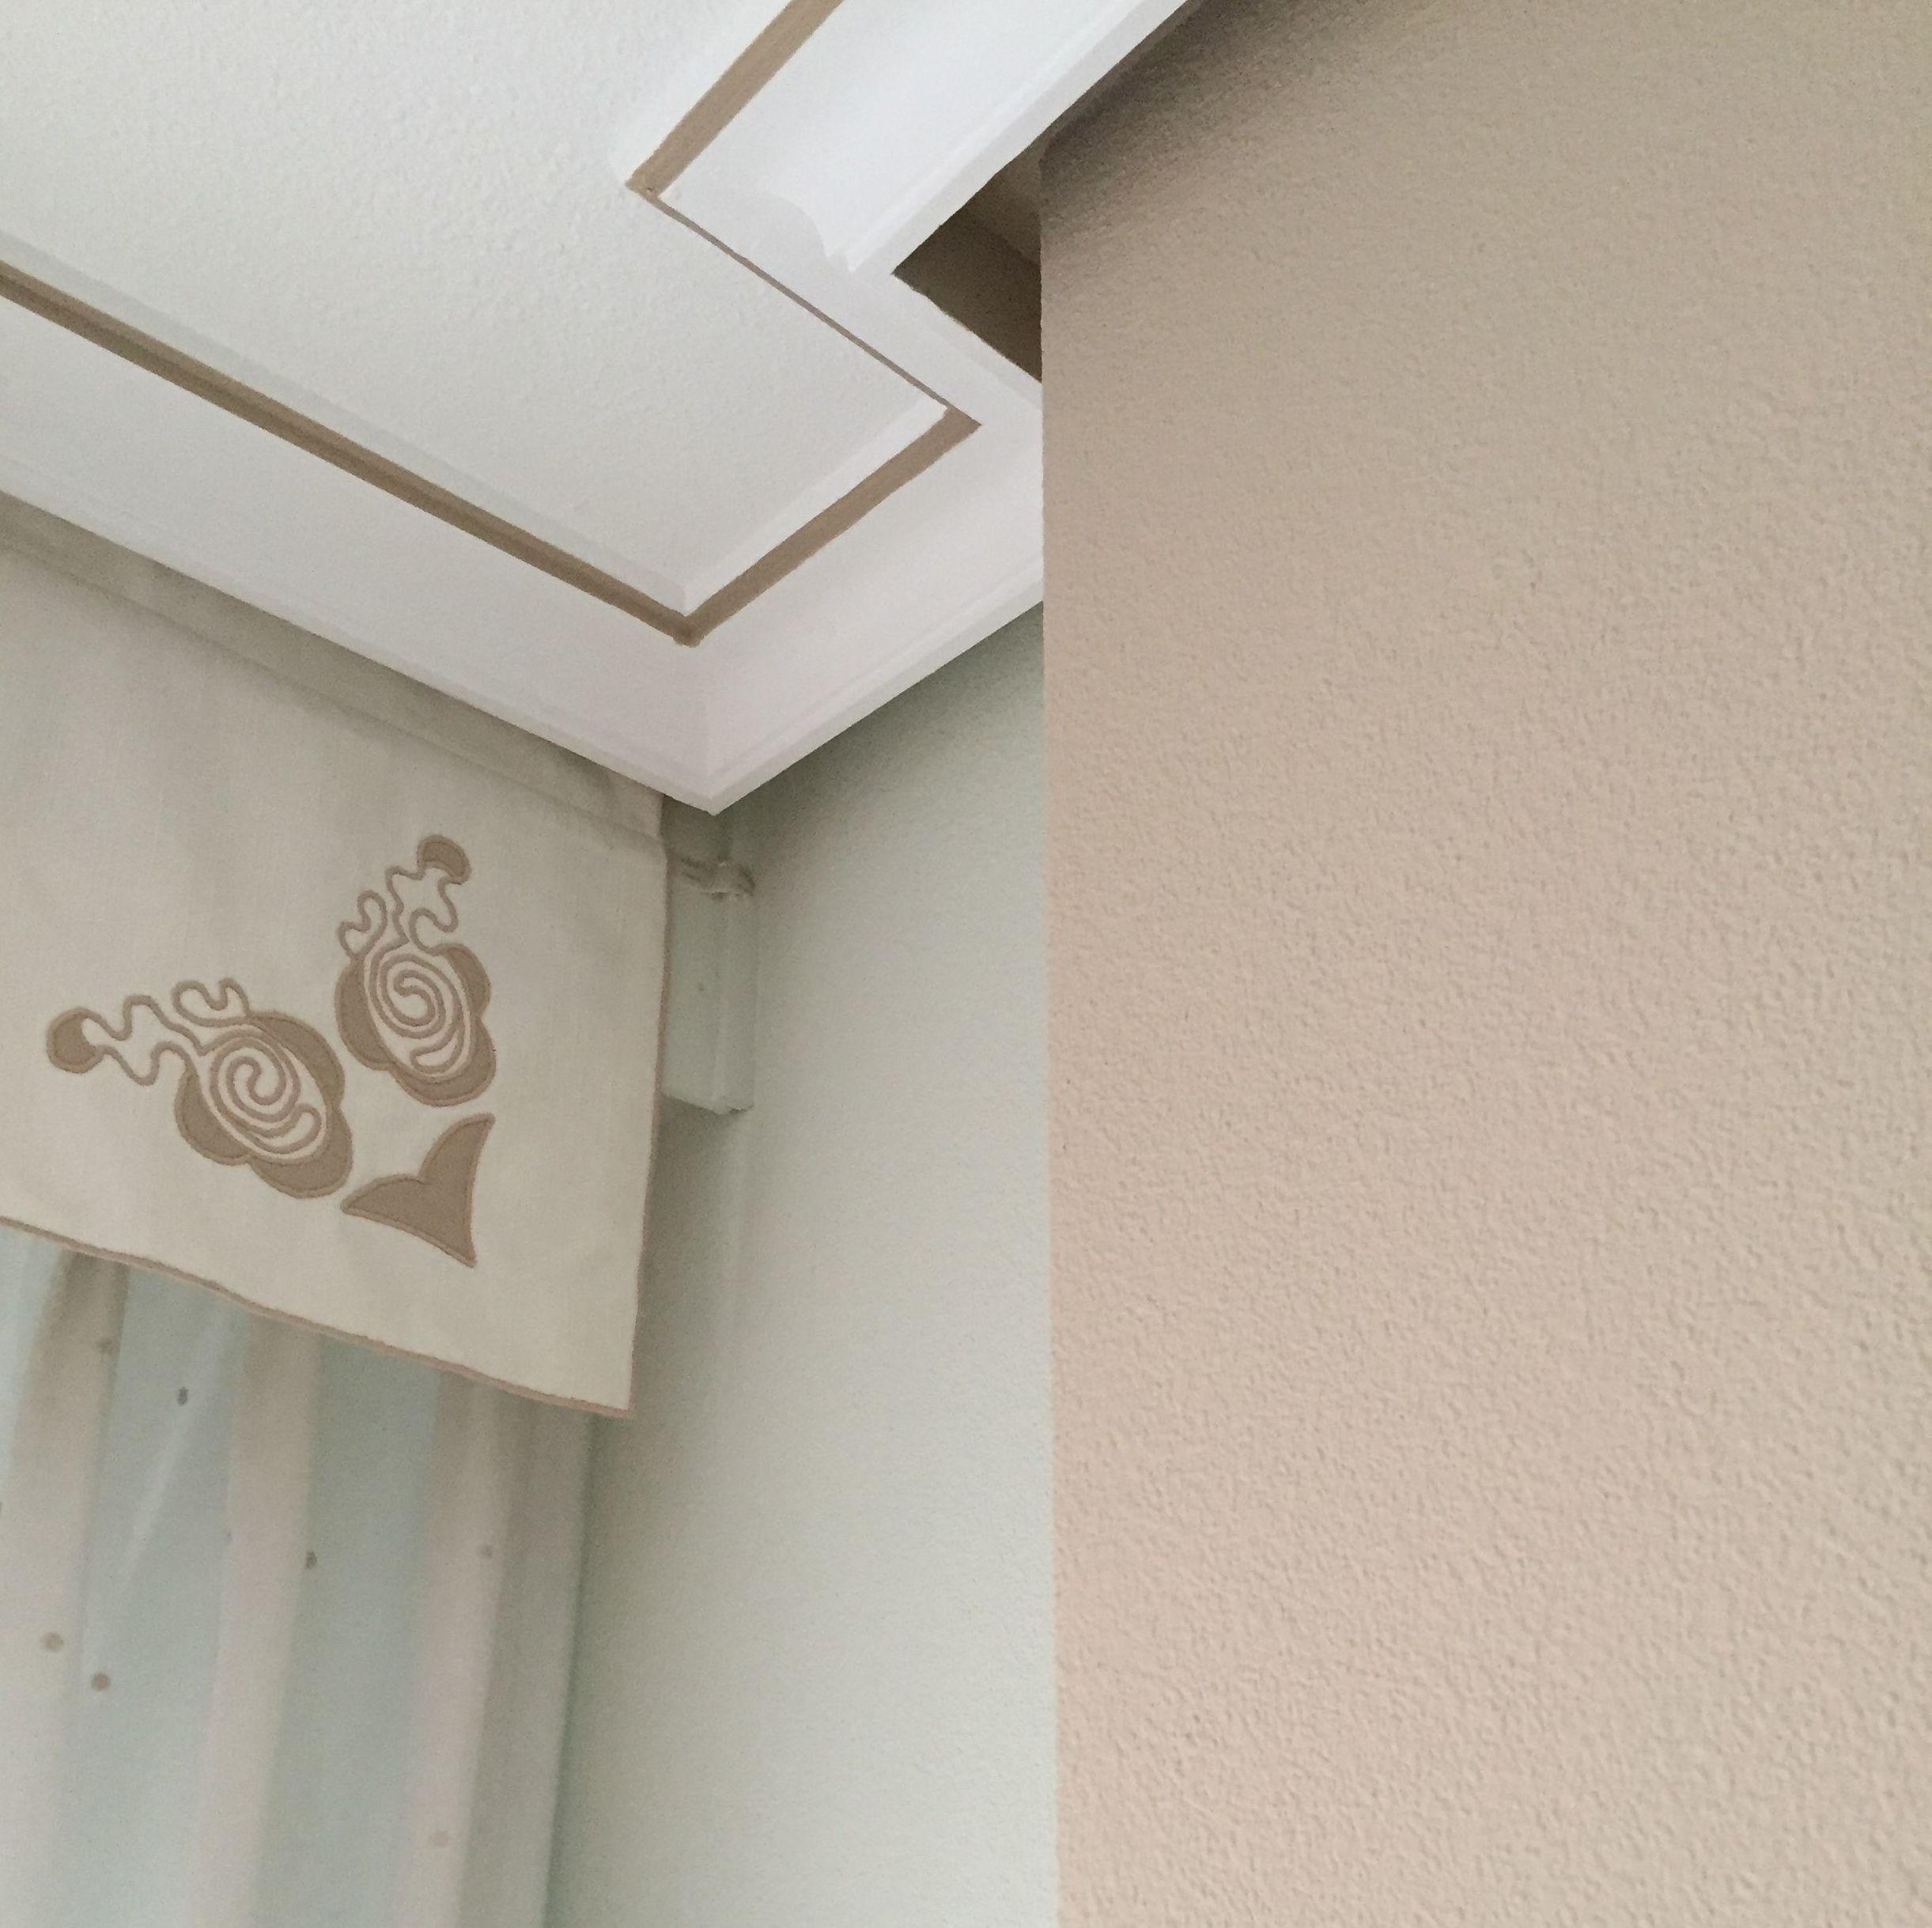 Escayola decorativa para techos